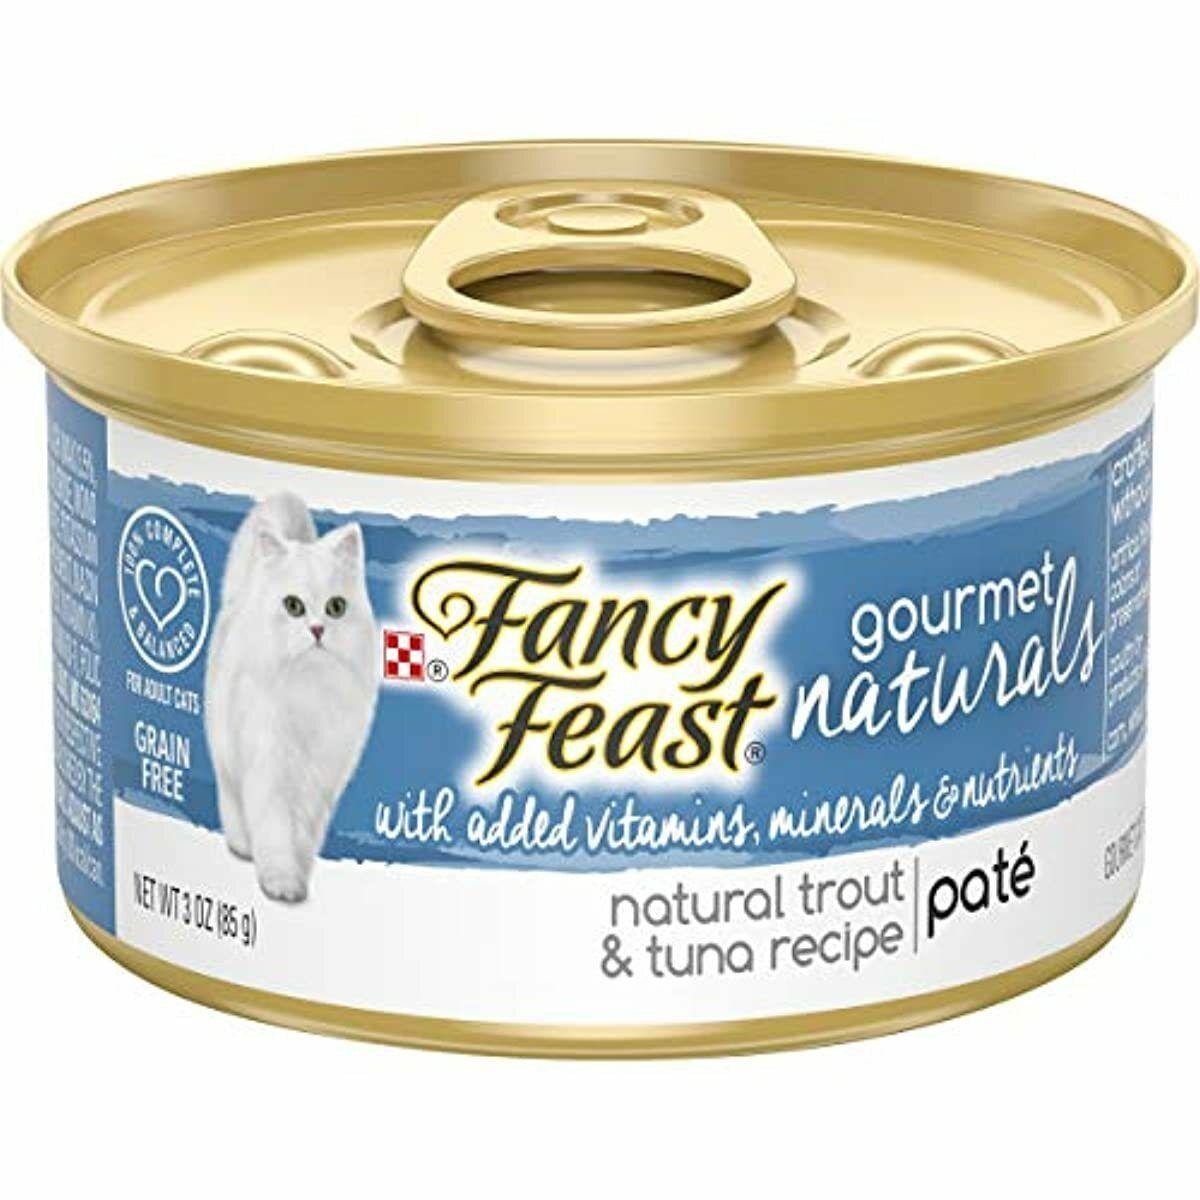 Purina Fancy Feast Grain Free Pate Trout ...